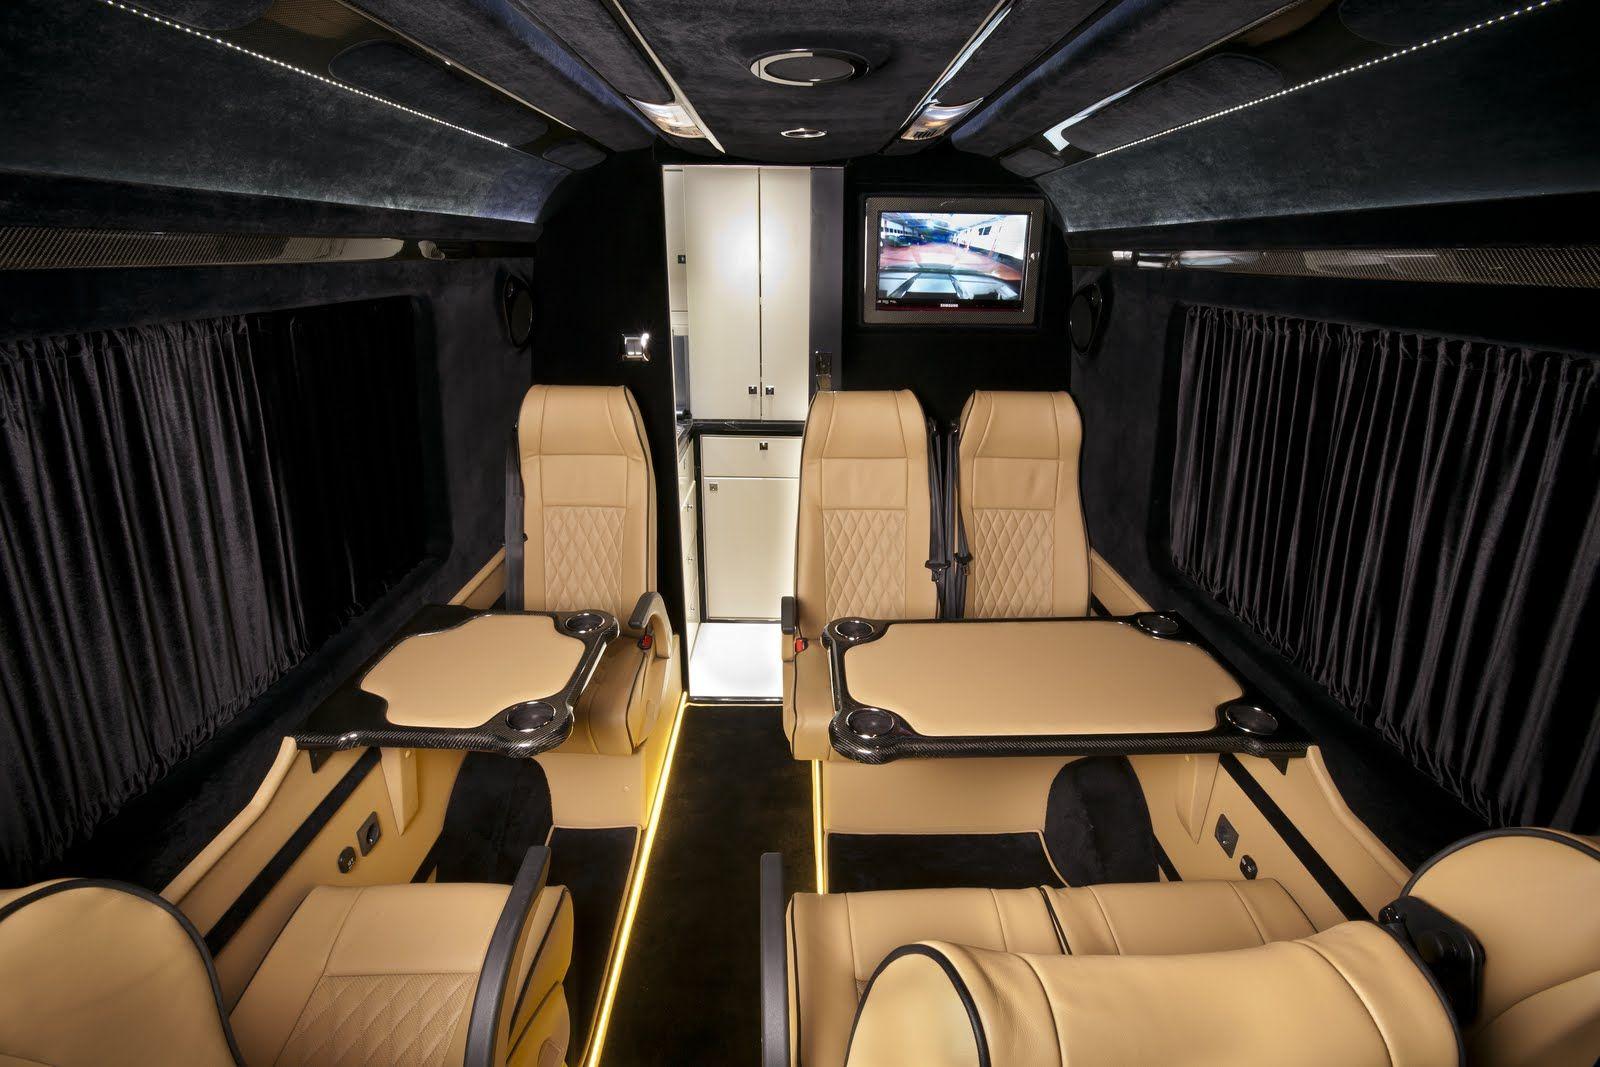 Klassen Excellence Sprinter Mercedes Benz Msd 1201 Family Company